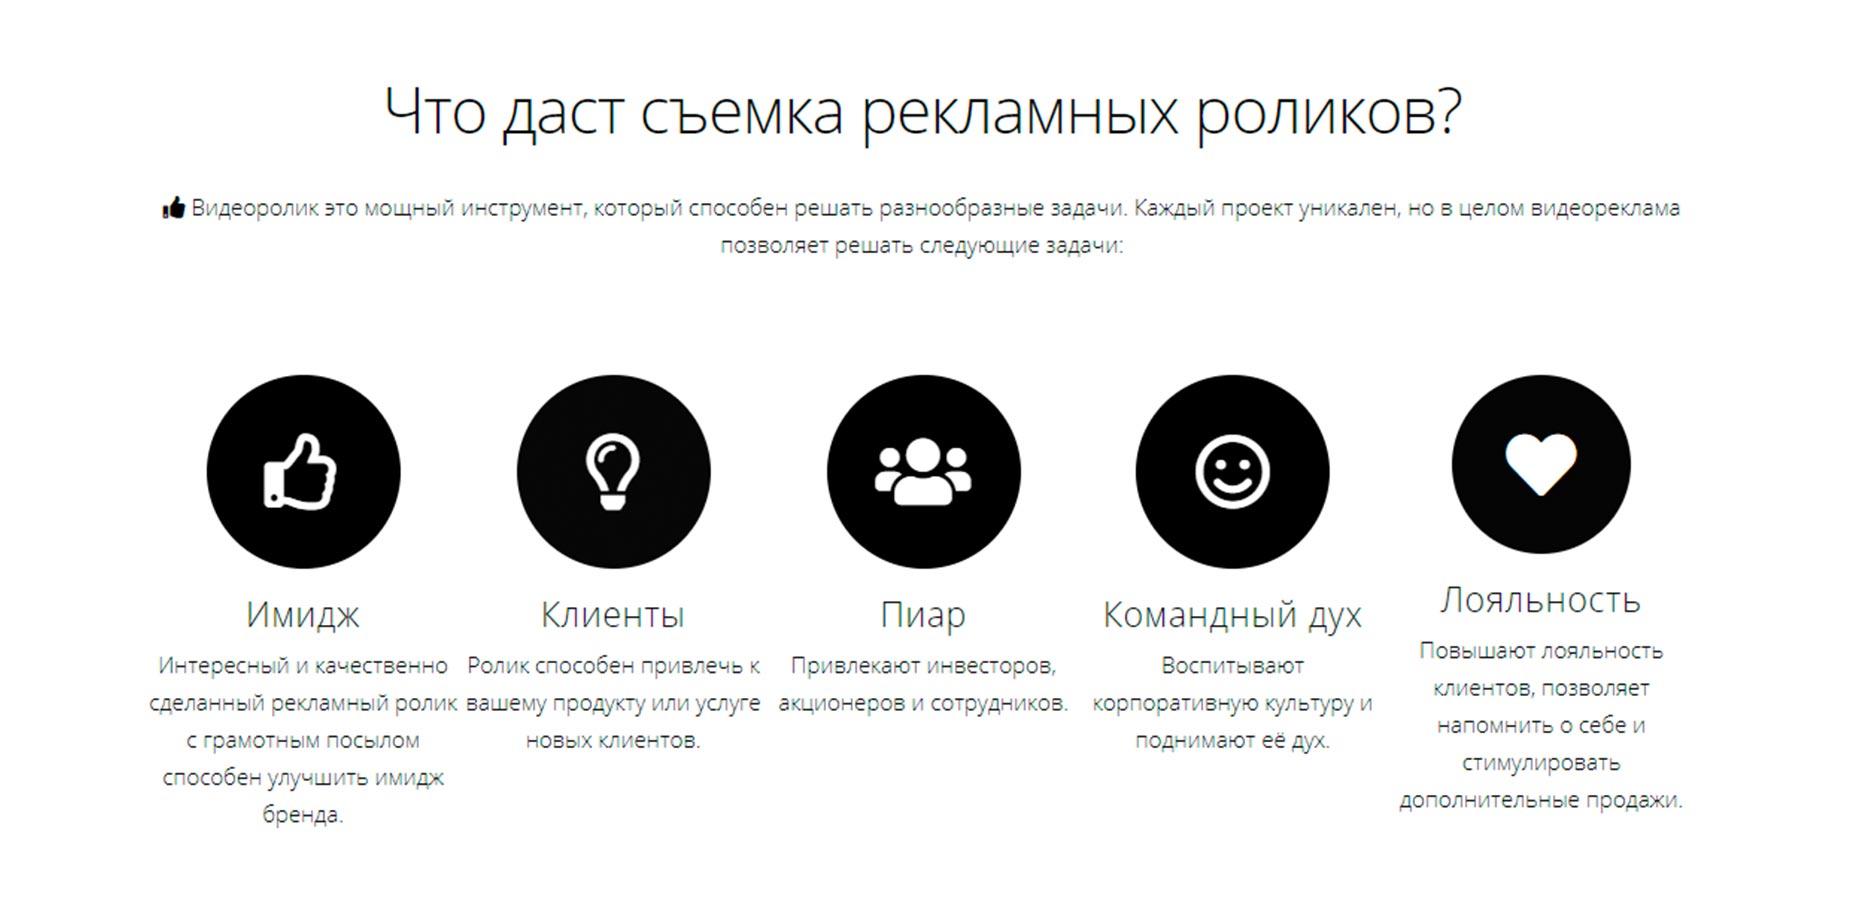 блок сайта по производству видеороликов